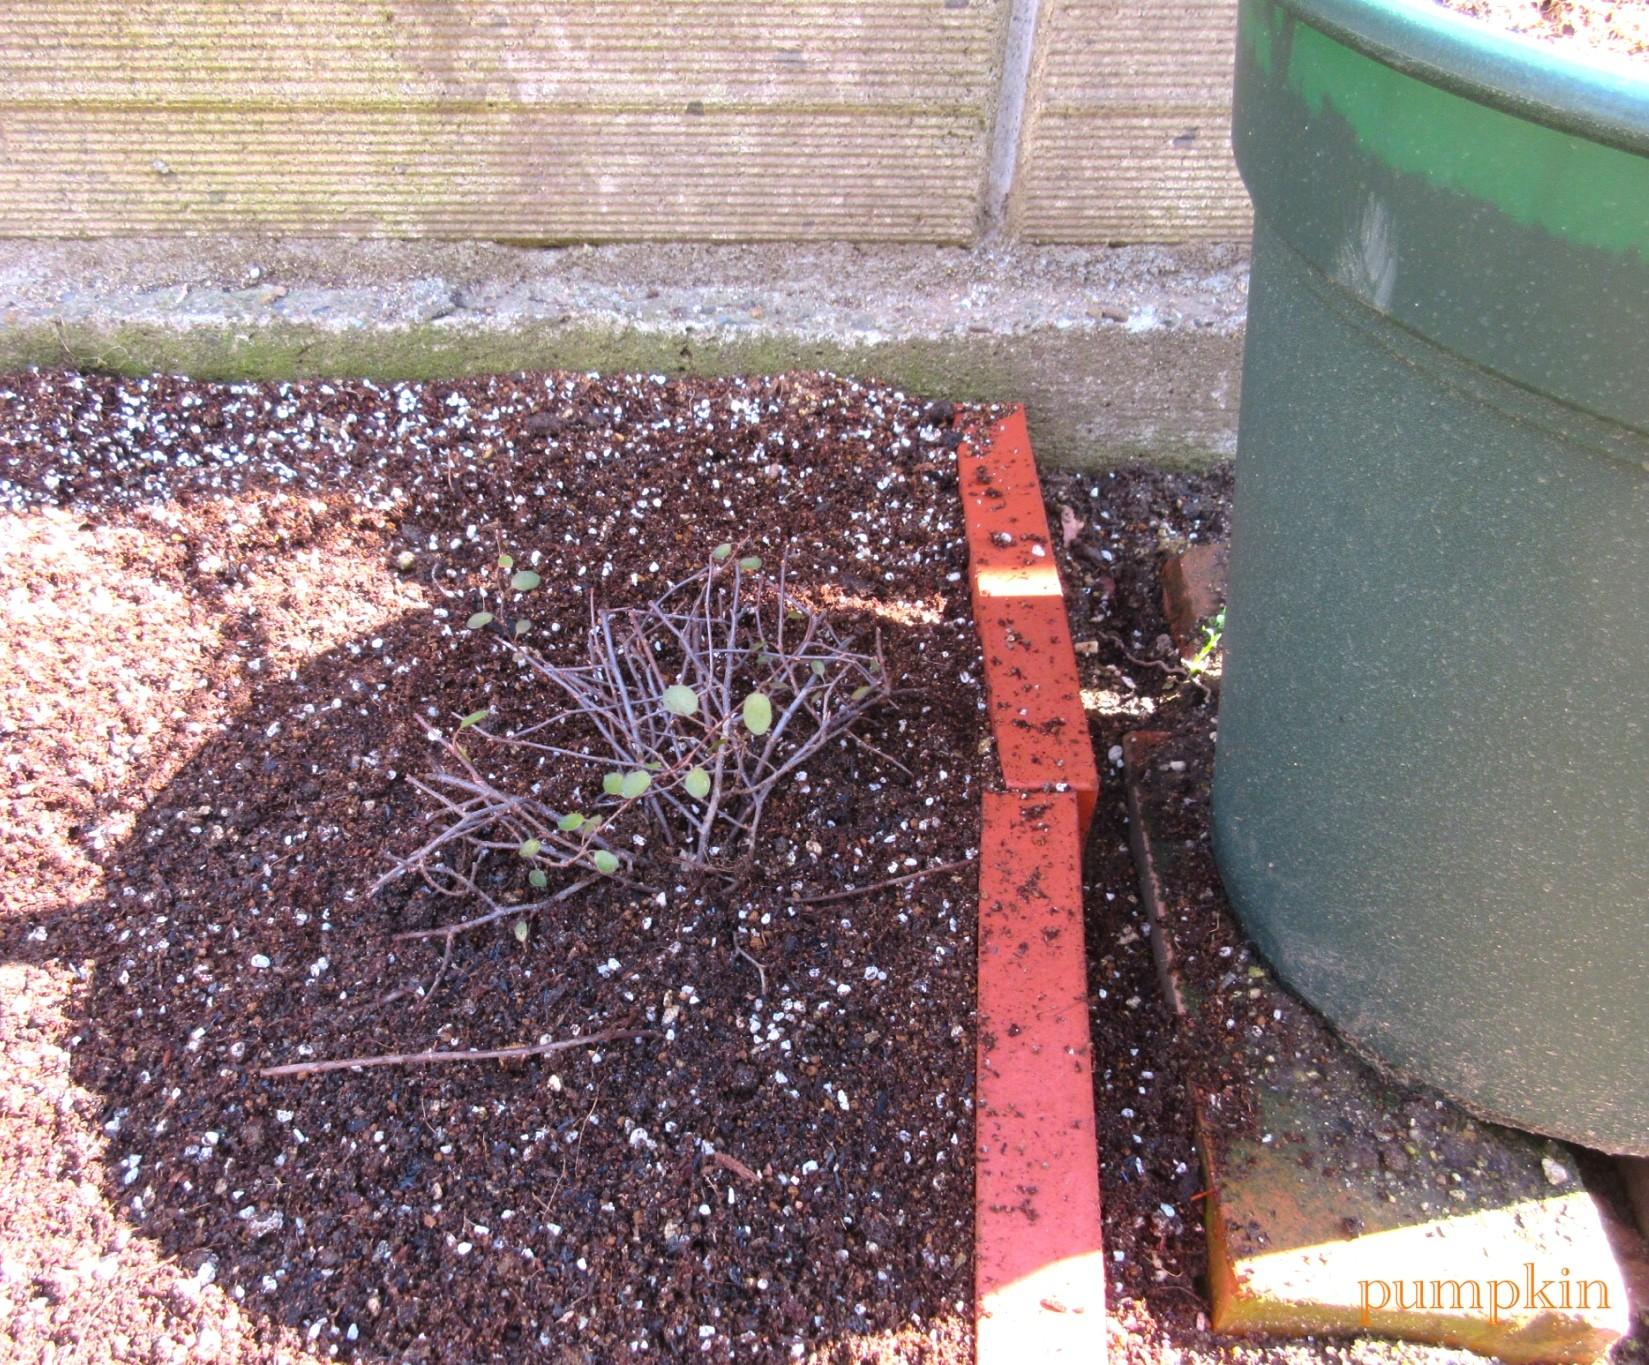 ガーデニングビギナーが始めるゆる~い庭ライフ  3月11日の庭仕事コメントトラックバック